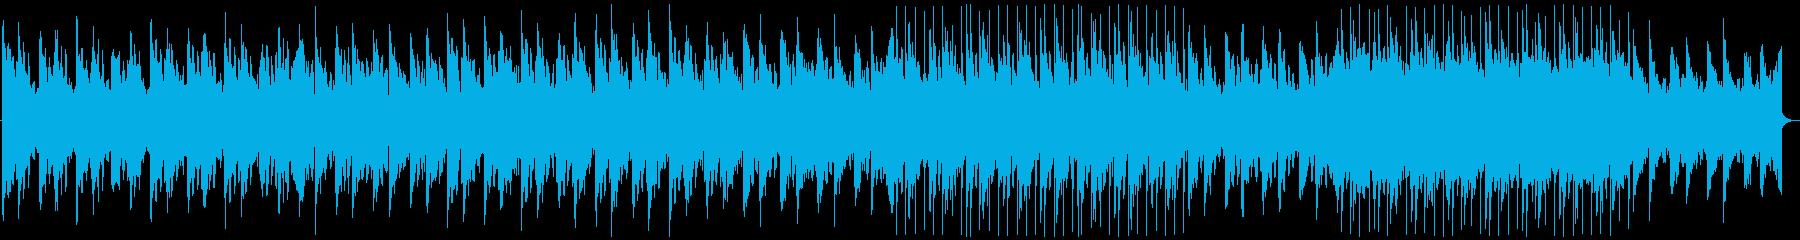 企業VP・シンプル・キラキラ・温かいの再生済みの波形